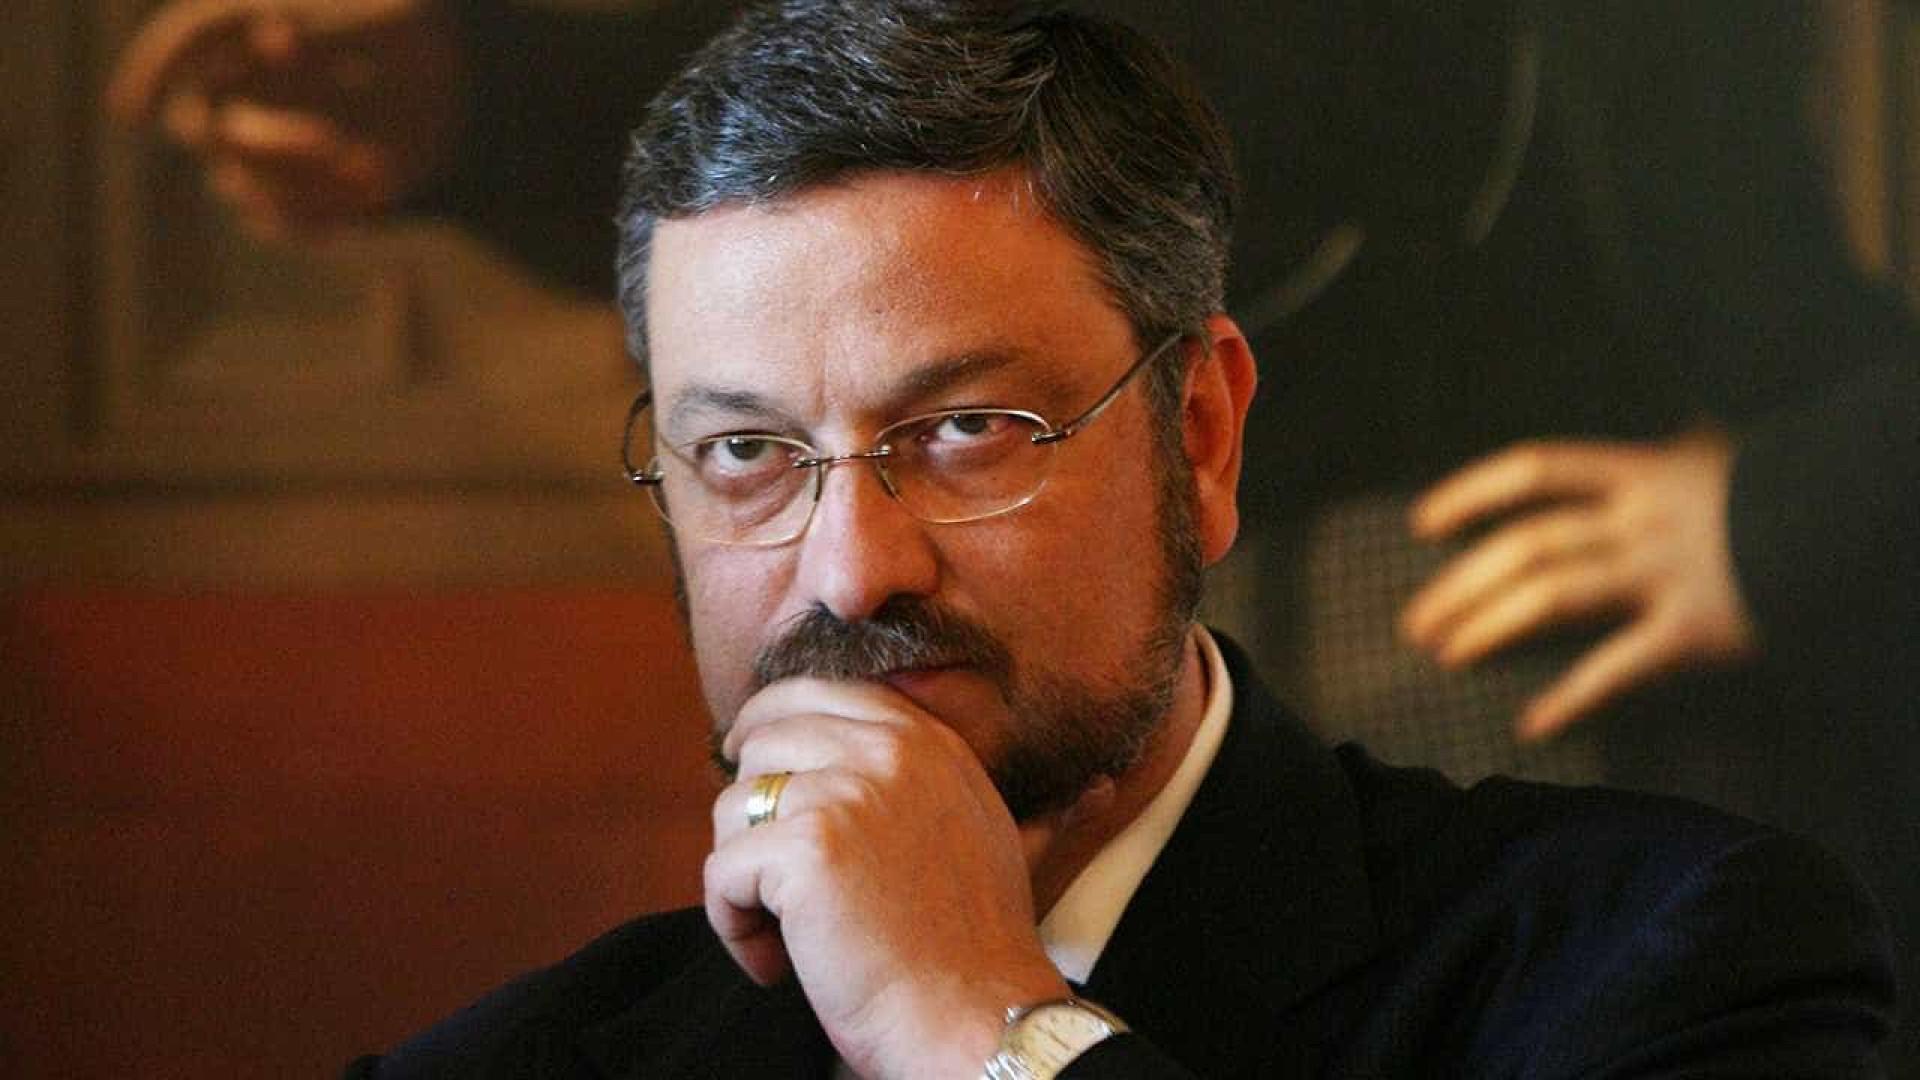 Palocci diz que ex-ministro do STJ recebeu ao menos R$ 5 mi de propina